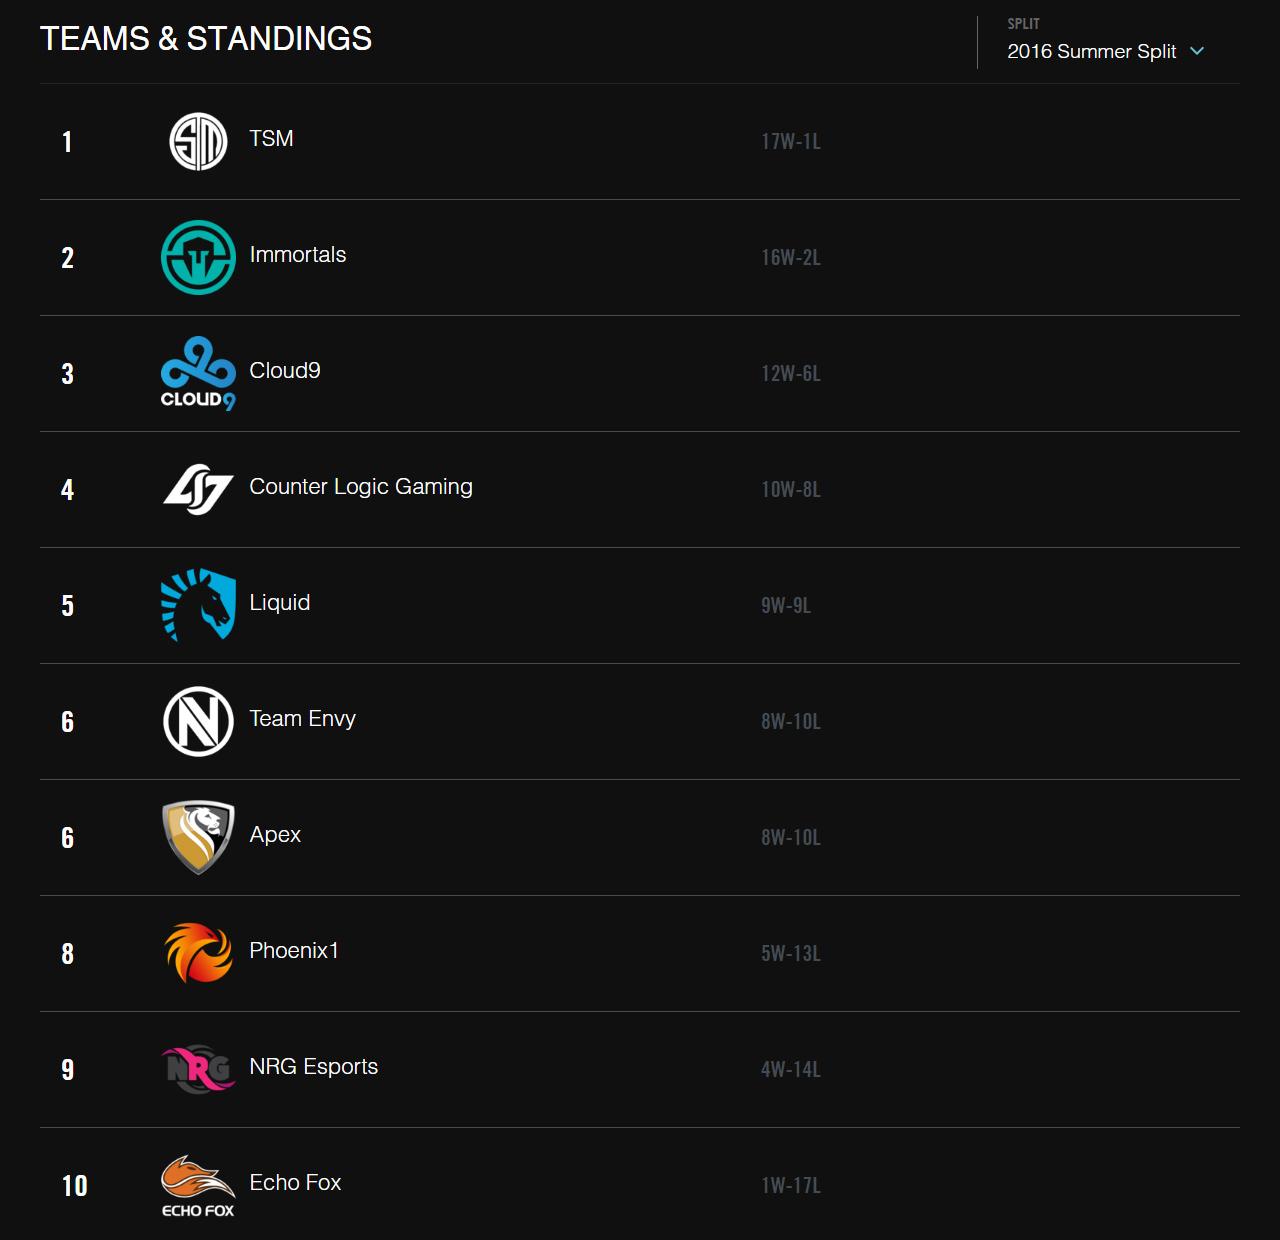 Bảng xếp hạng LCS Bắc Mỹ Mùa Hè 2016 sau khi kết thúc vòng bảng.